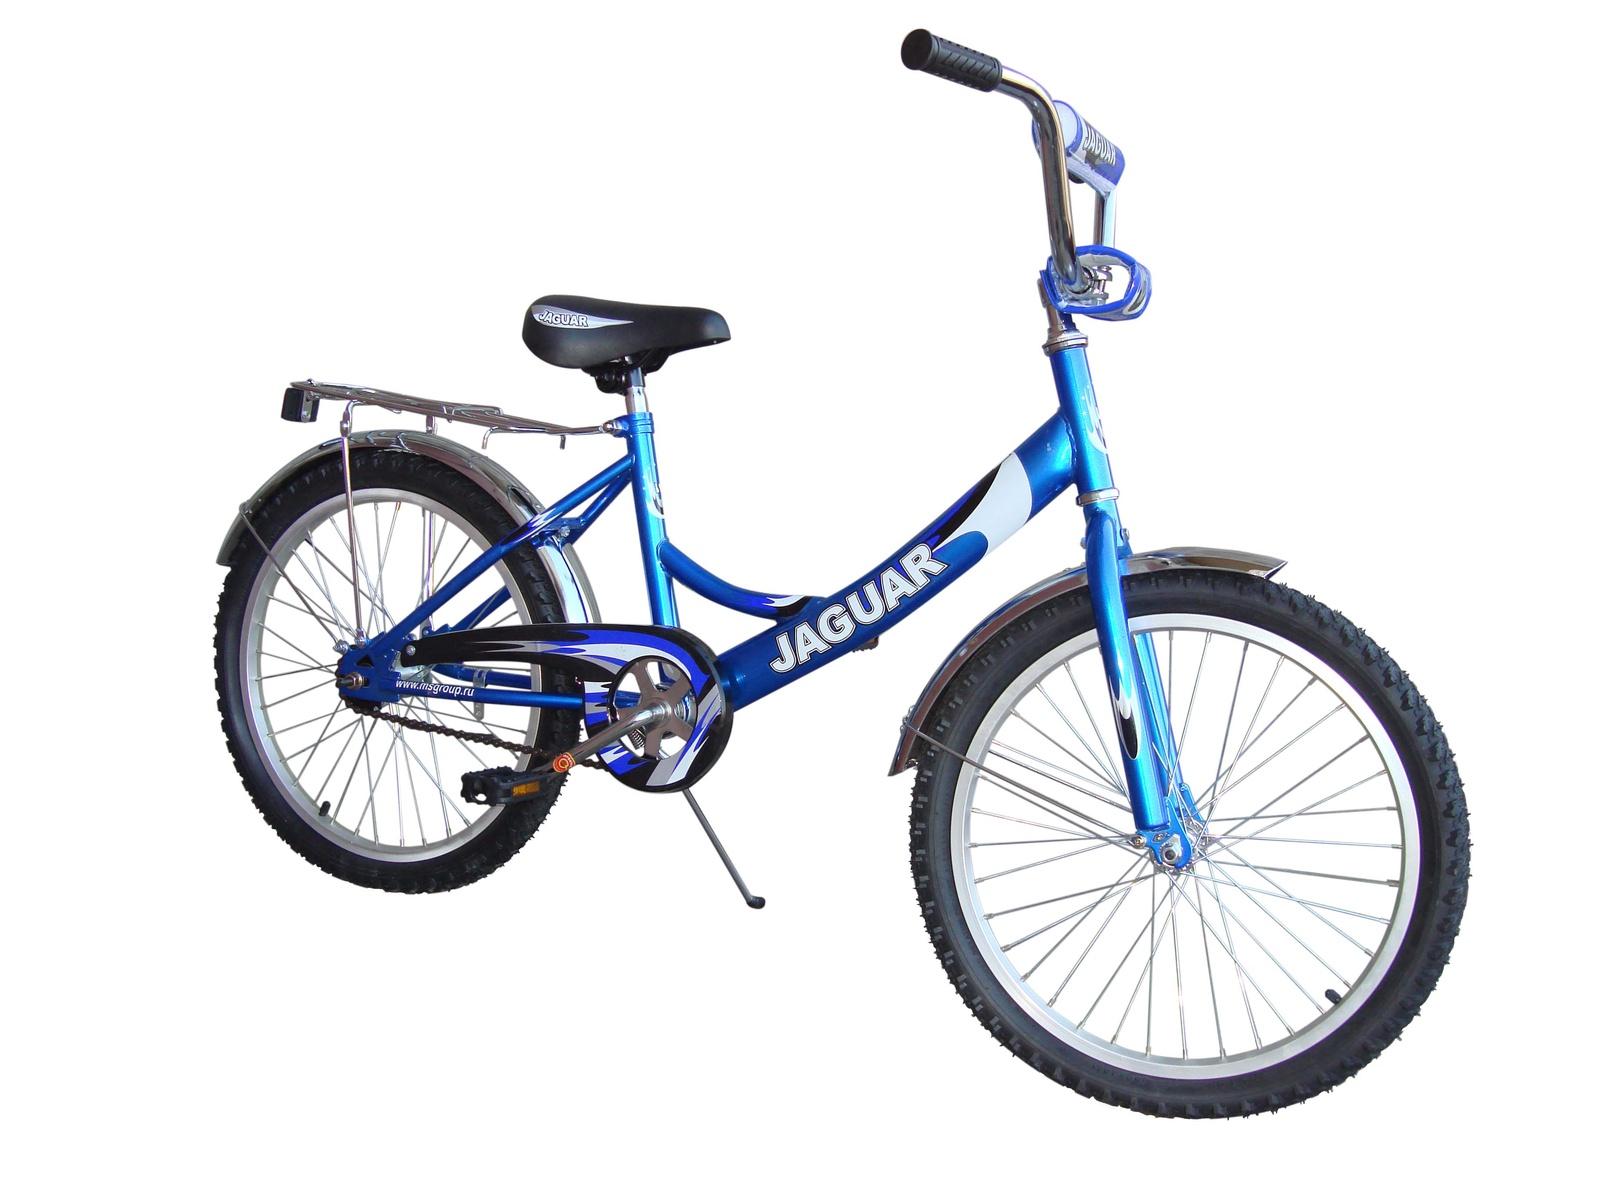 Детский двухколесный велосипед Jaguar MS-202 steel синий